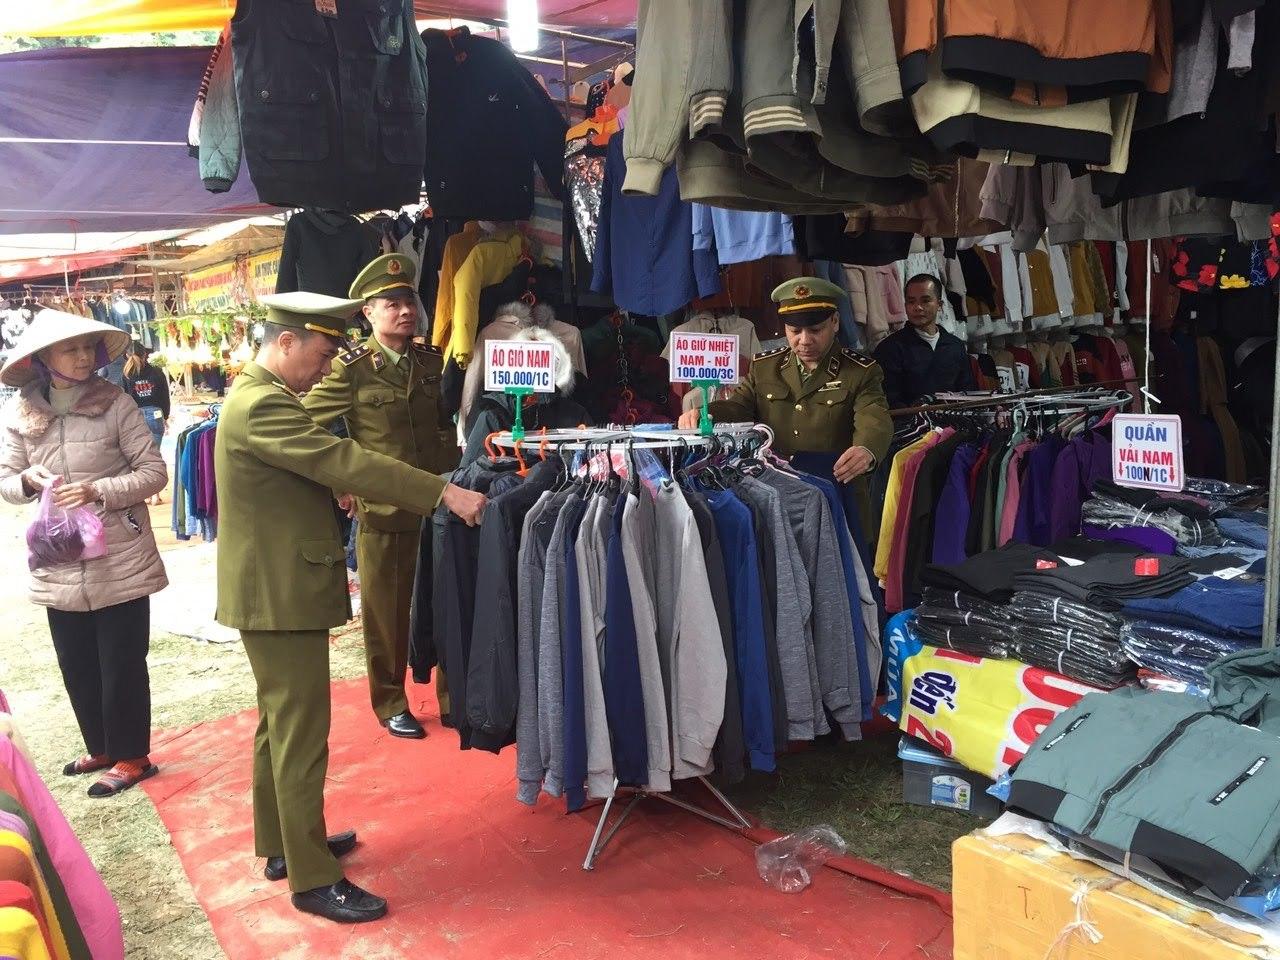 Lạng Sơn: Giám sát chất lượng sản phẩm tại Phiên chợ hàng Việt về nông thôn